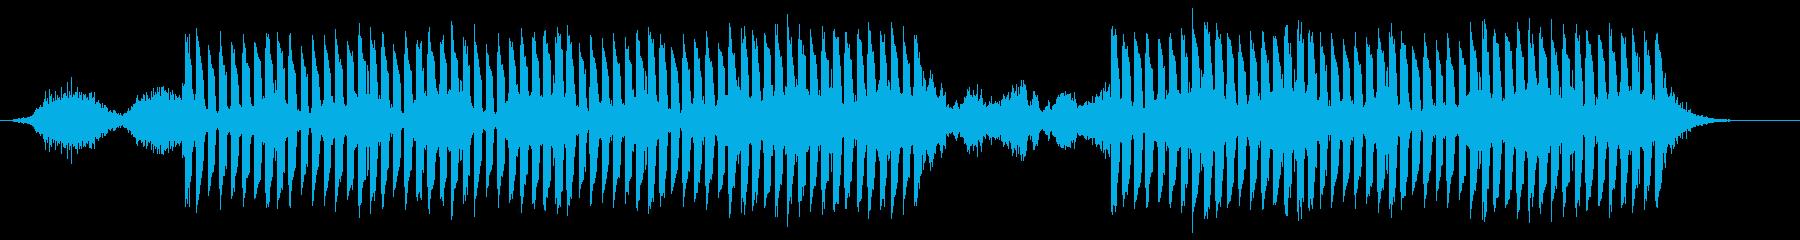 おしゃれかっこいいEDMジングル7の再生済みの波形